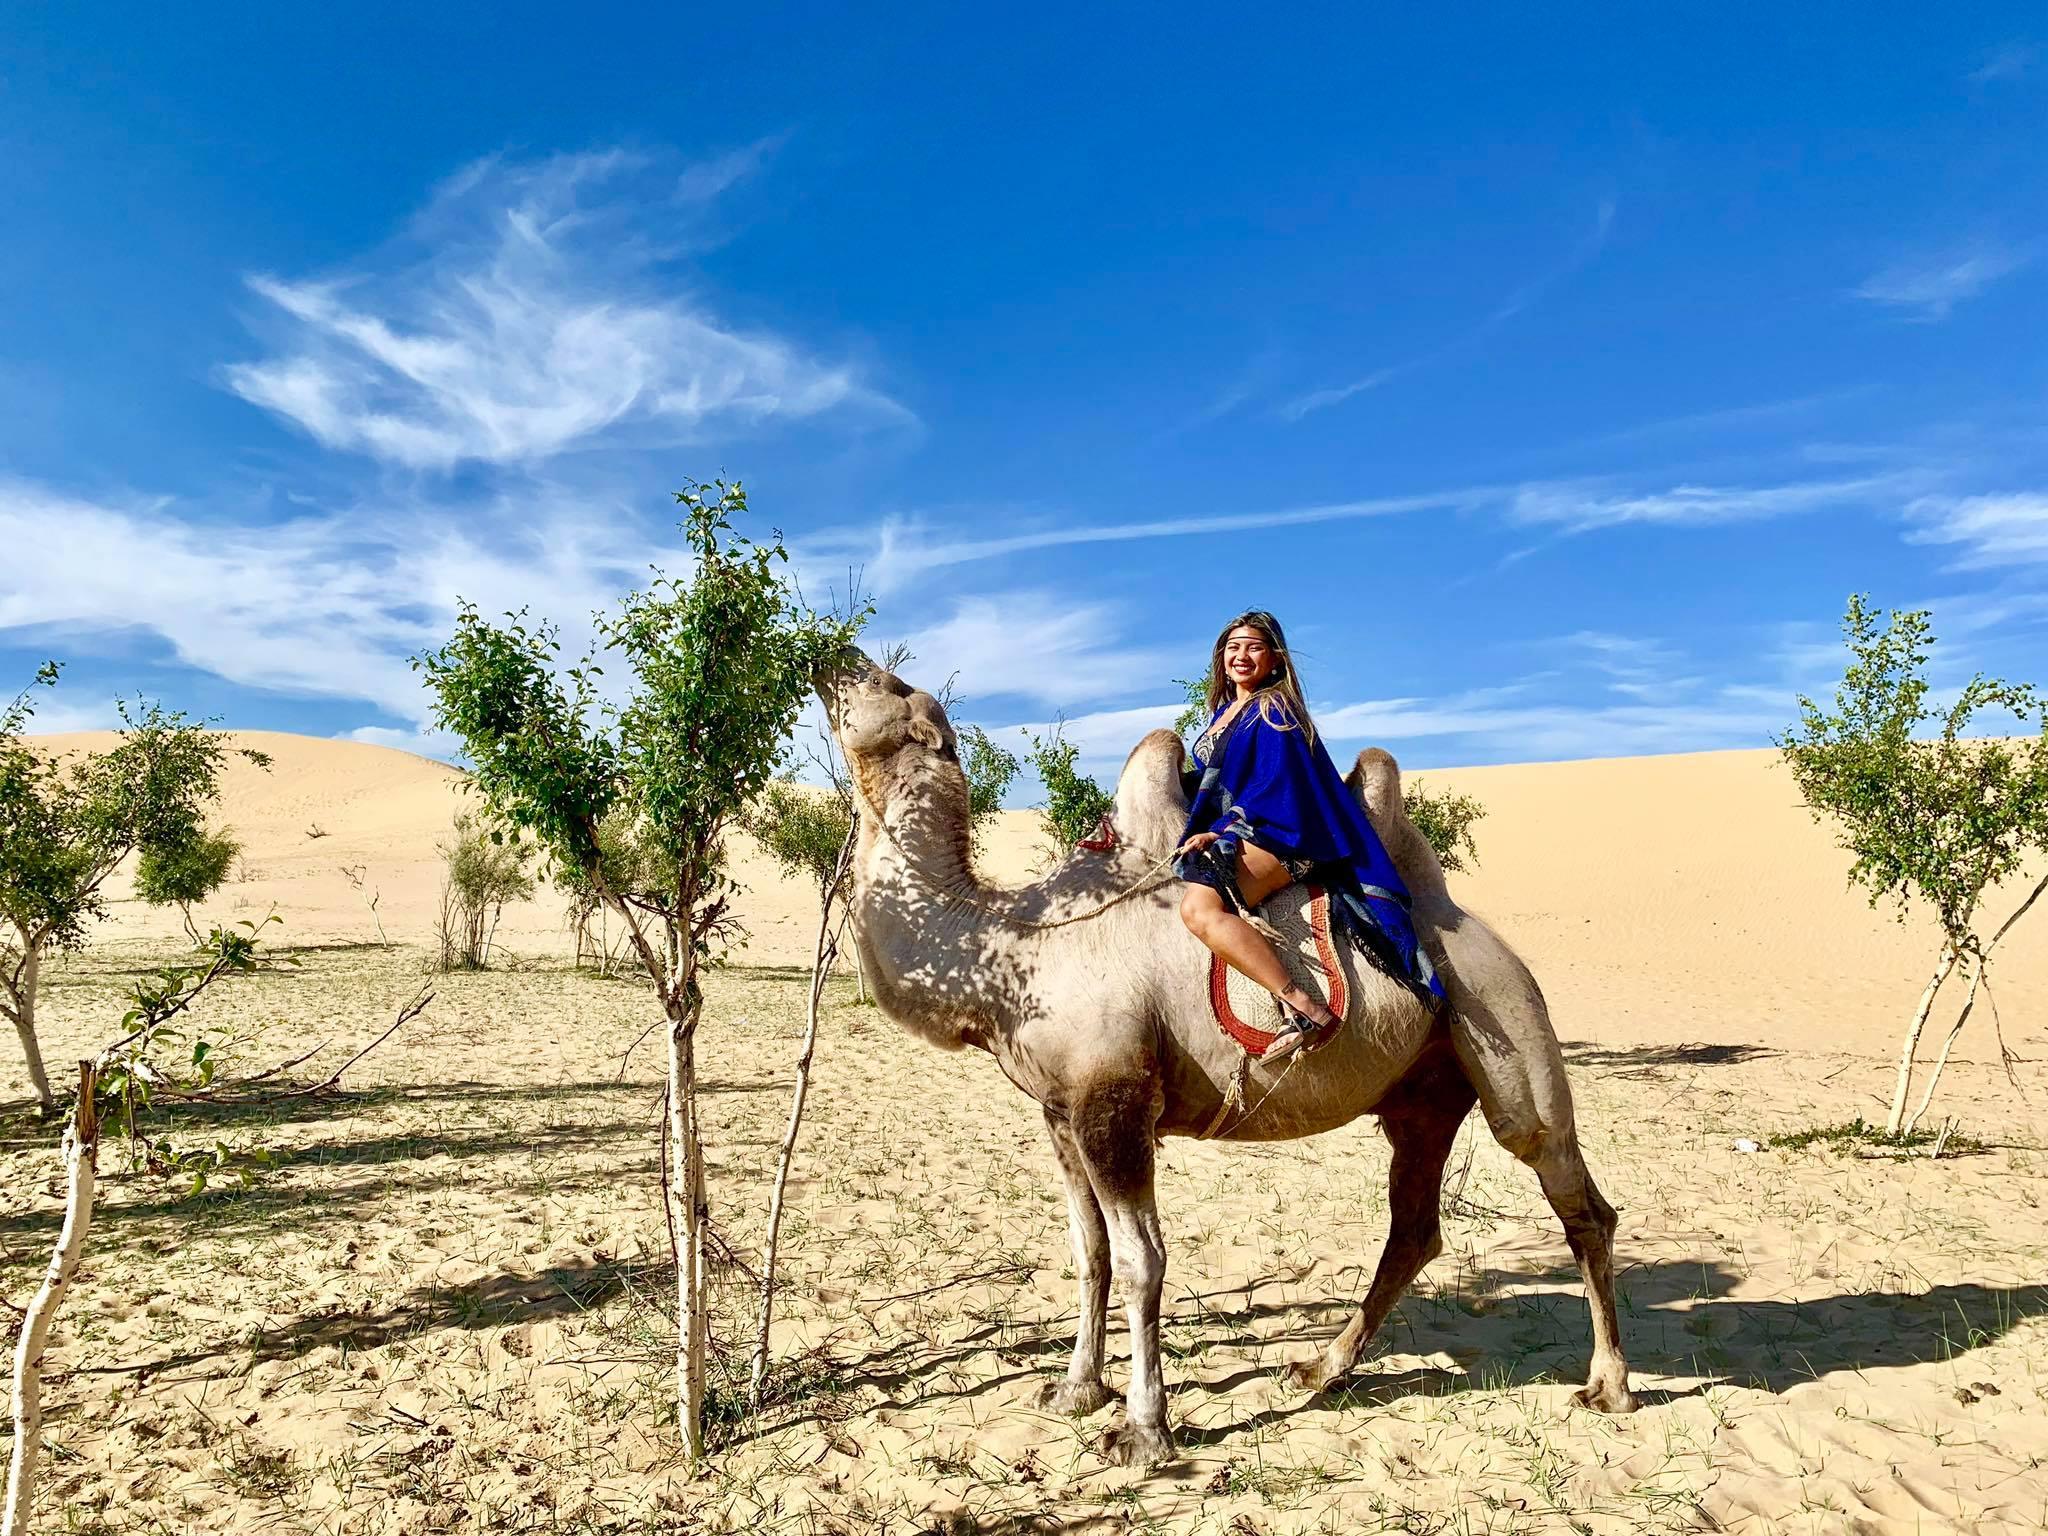 Kach Solo Travels in 2019 Nomadic family in Elsen Tasarkhai11.jpg